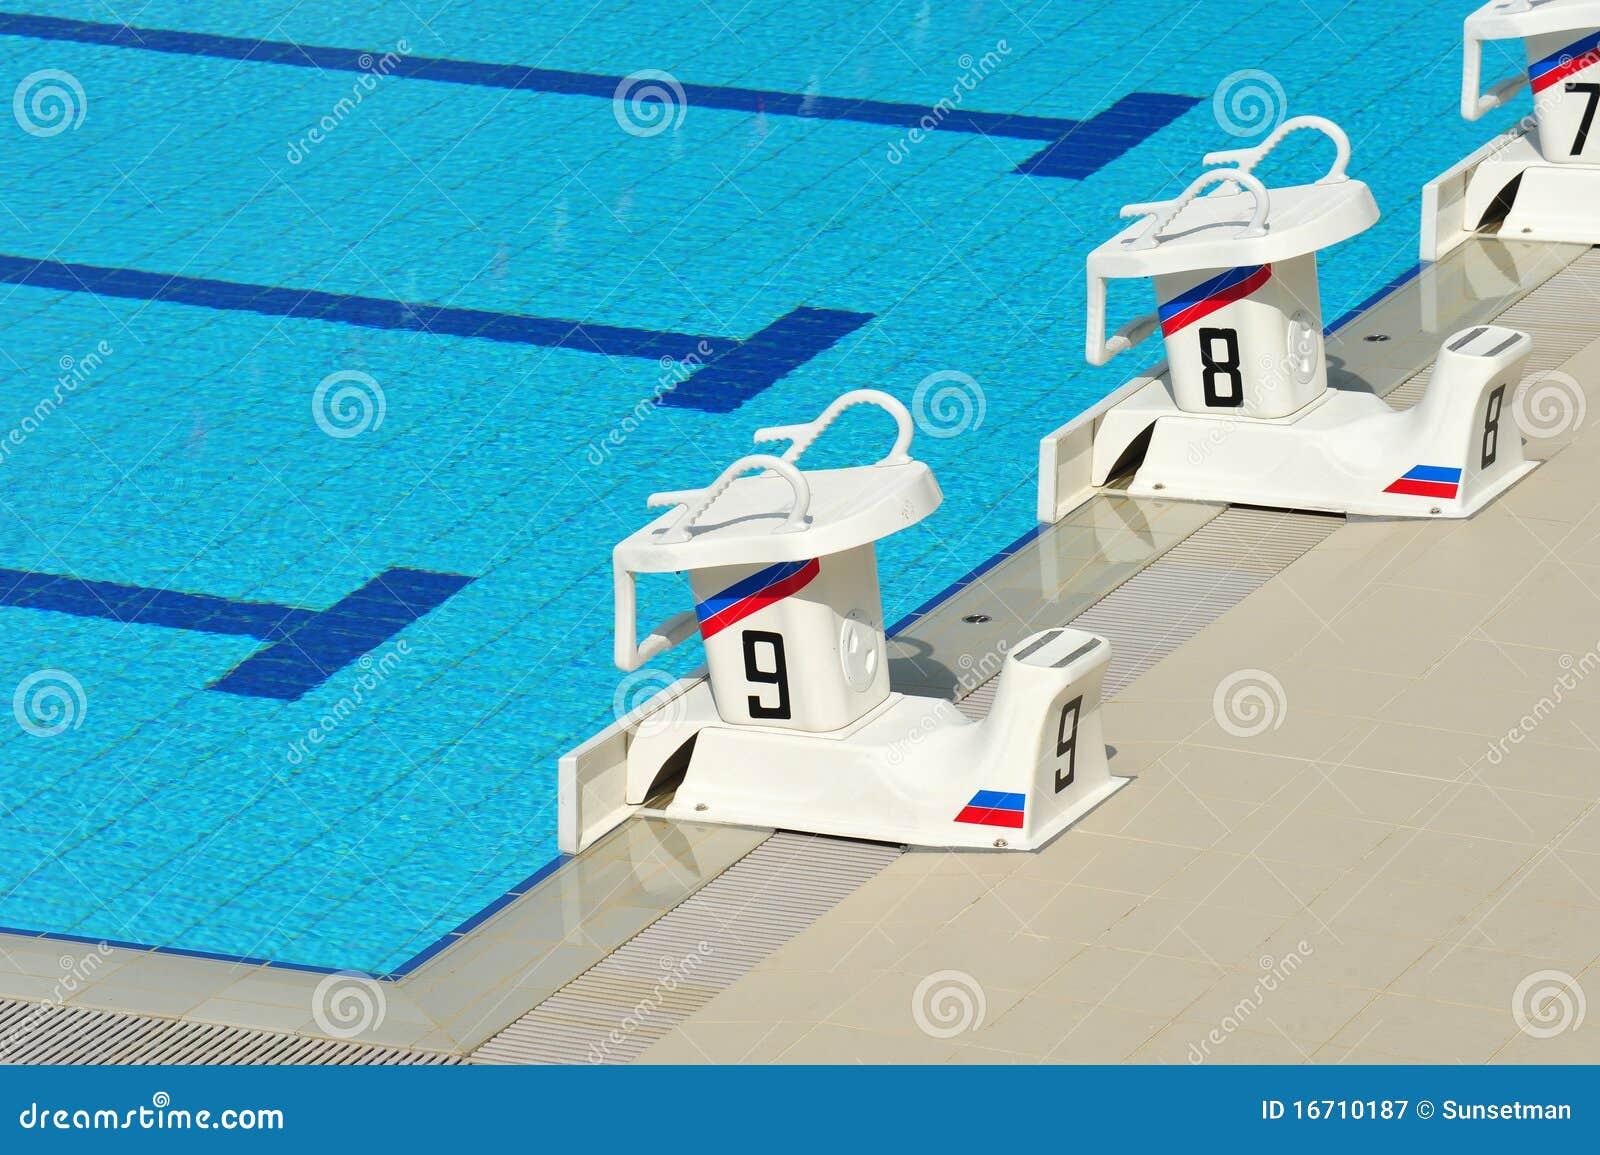 Swimming Pool Starting Block Stock Image - Image of size ...